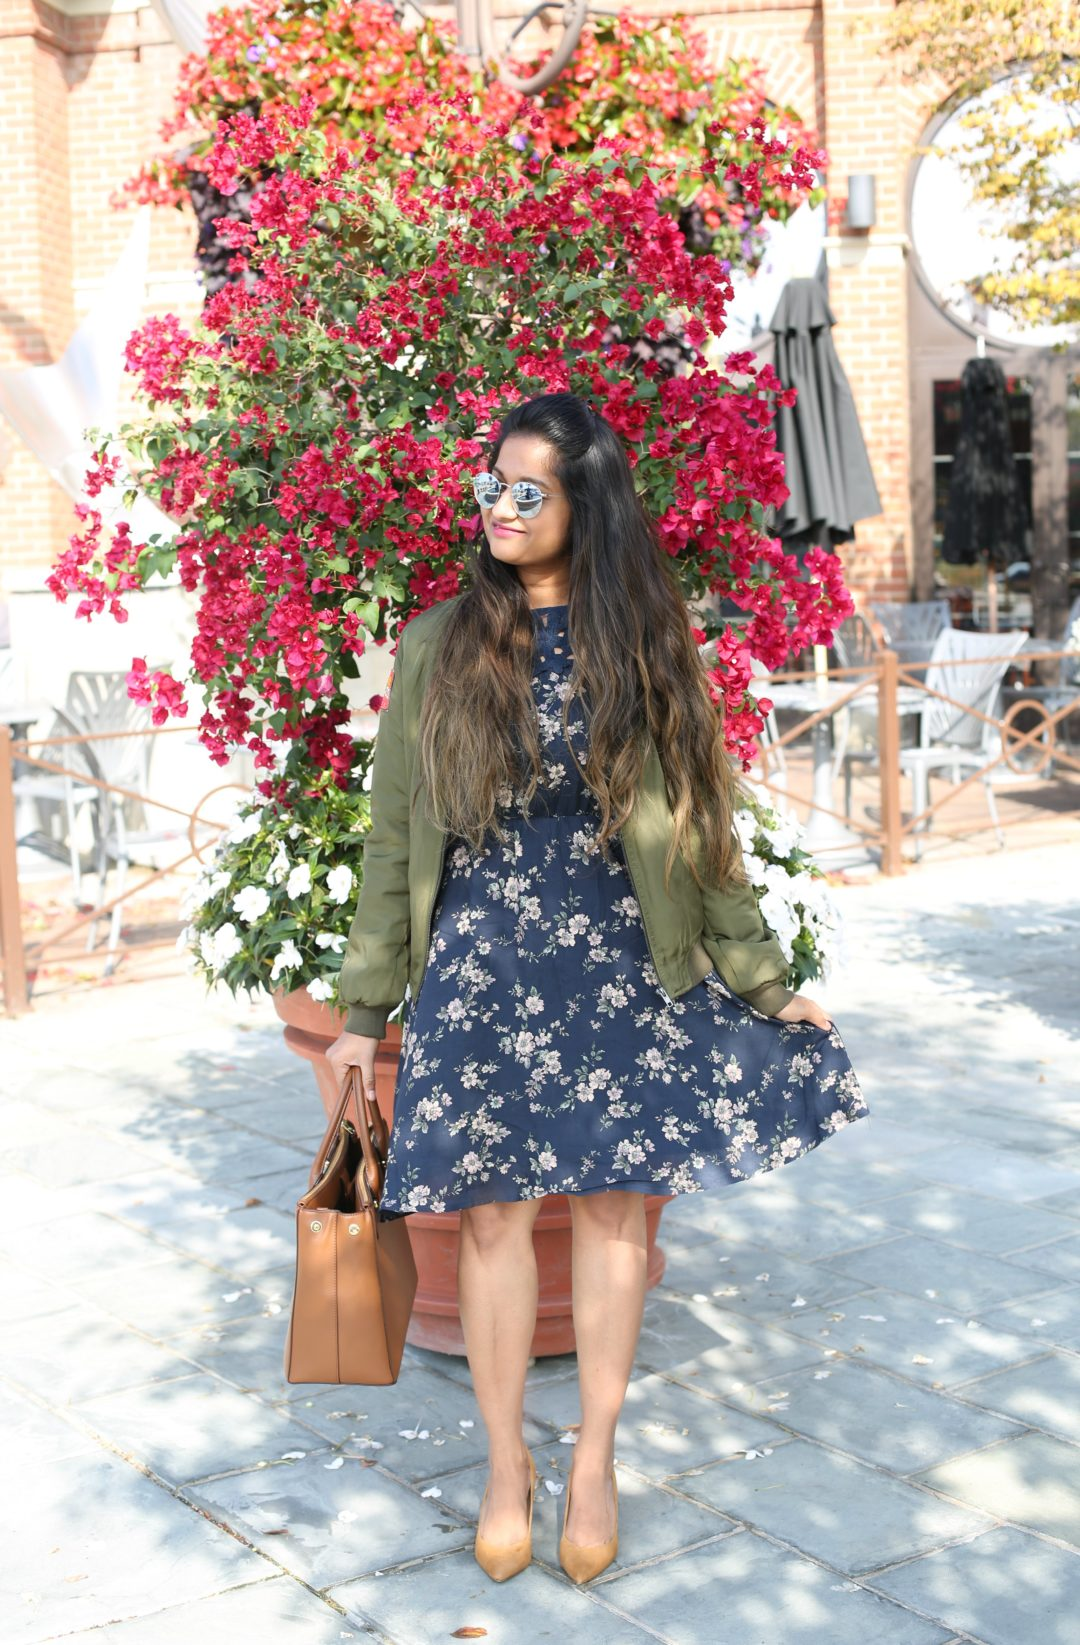 modcloth-blue-floral-dress-avere